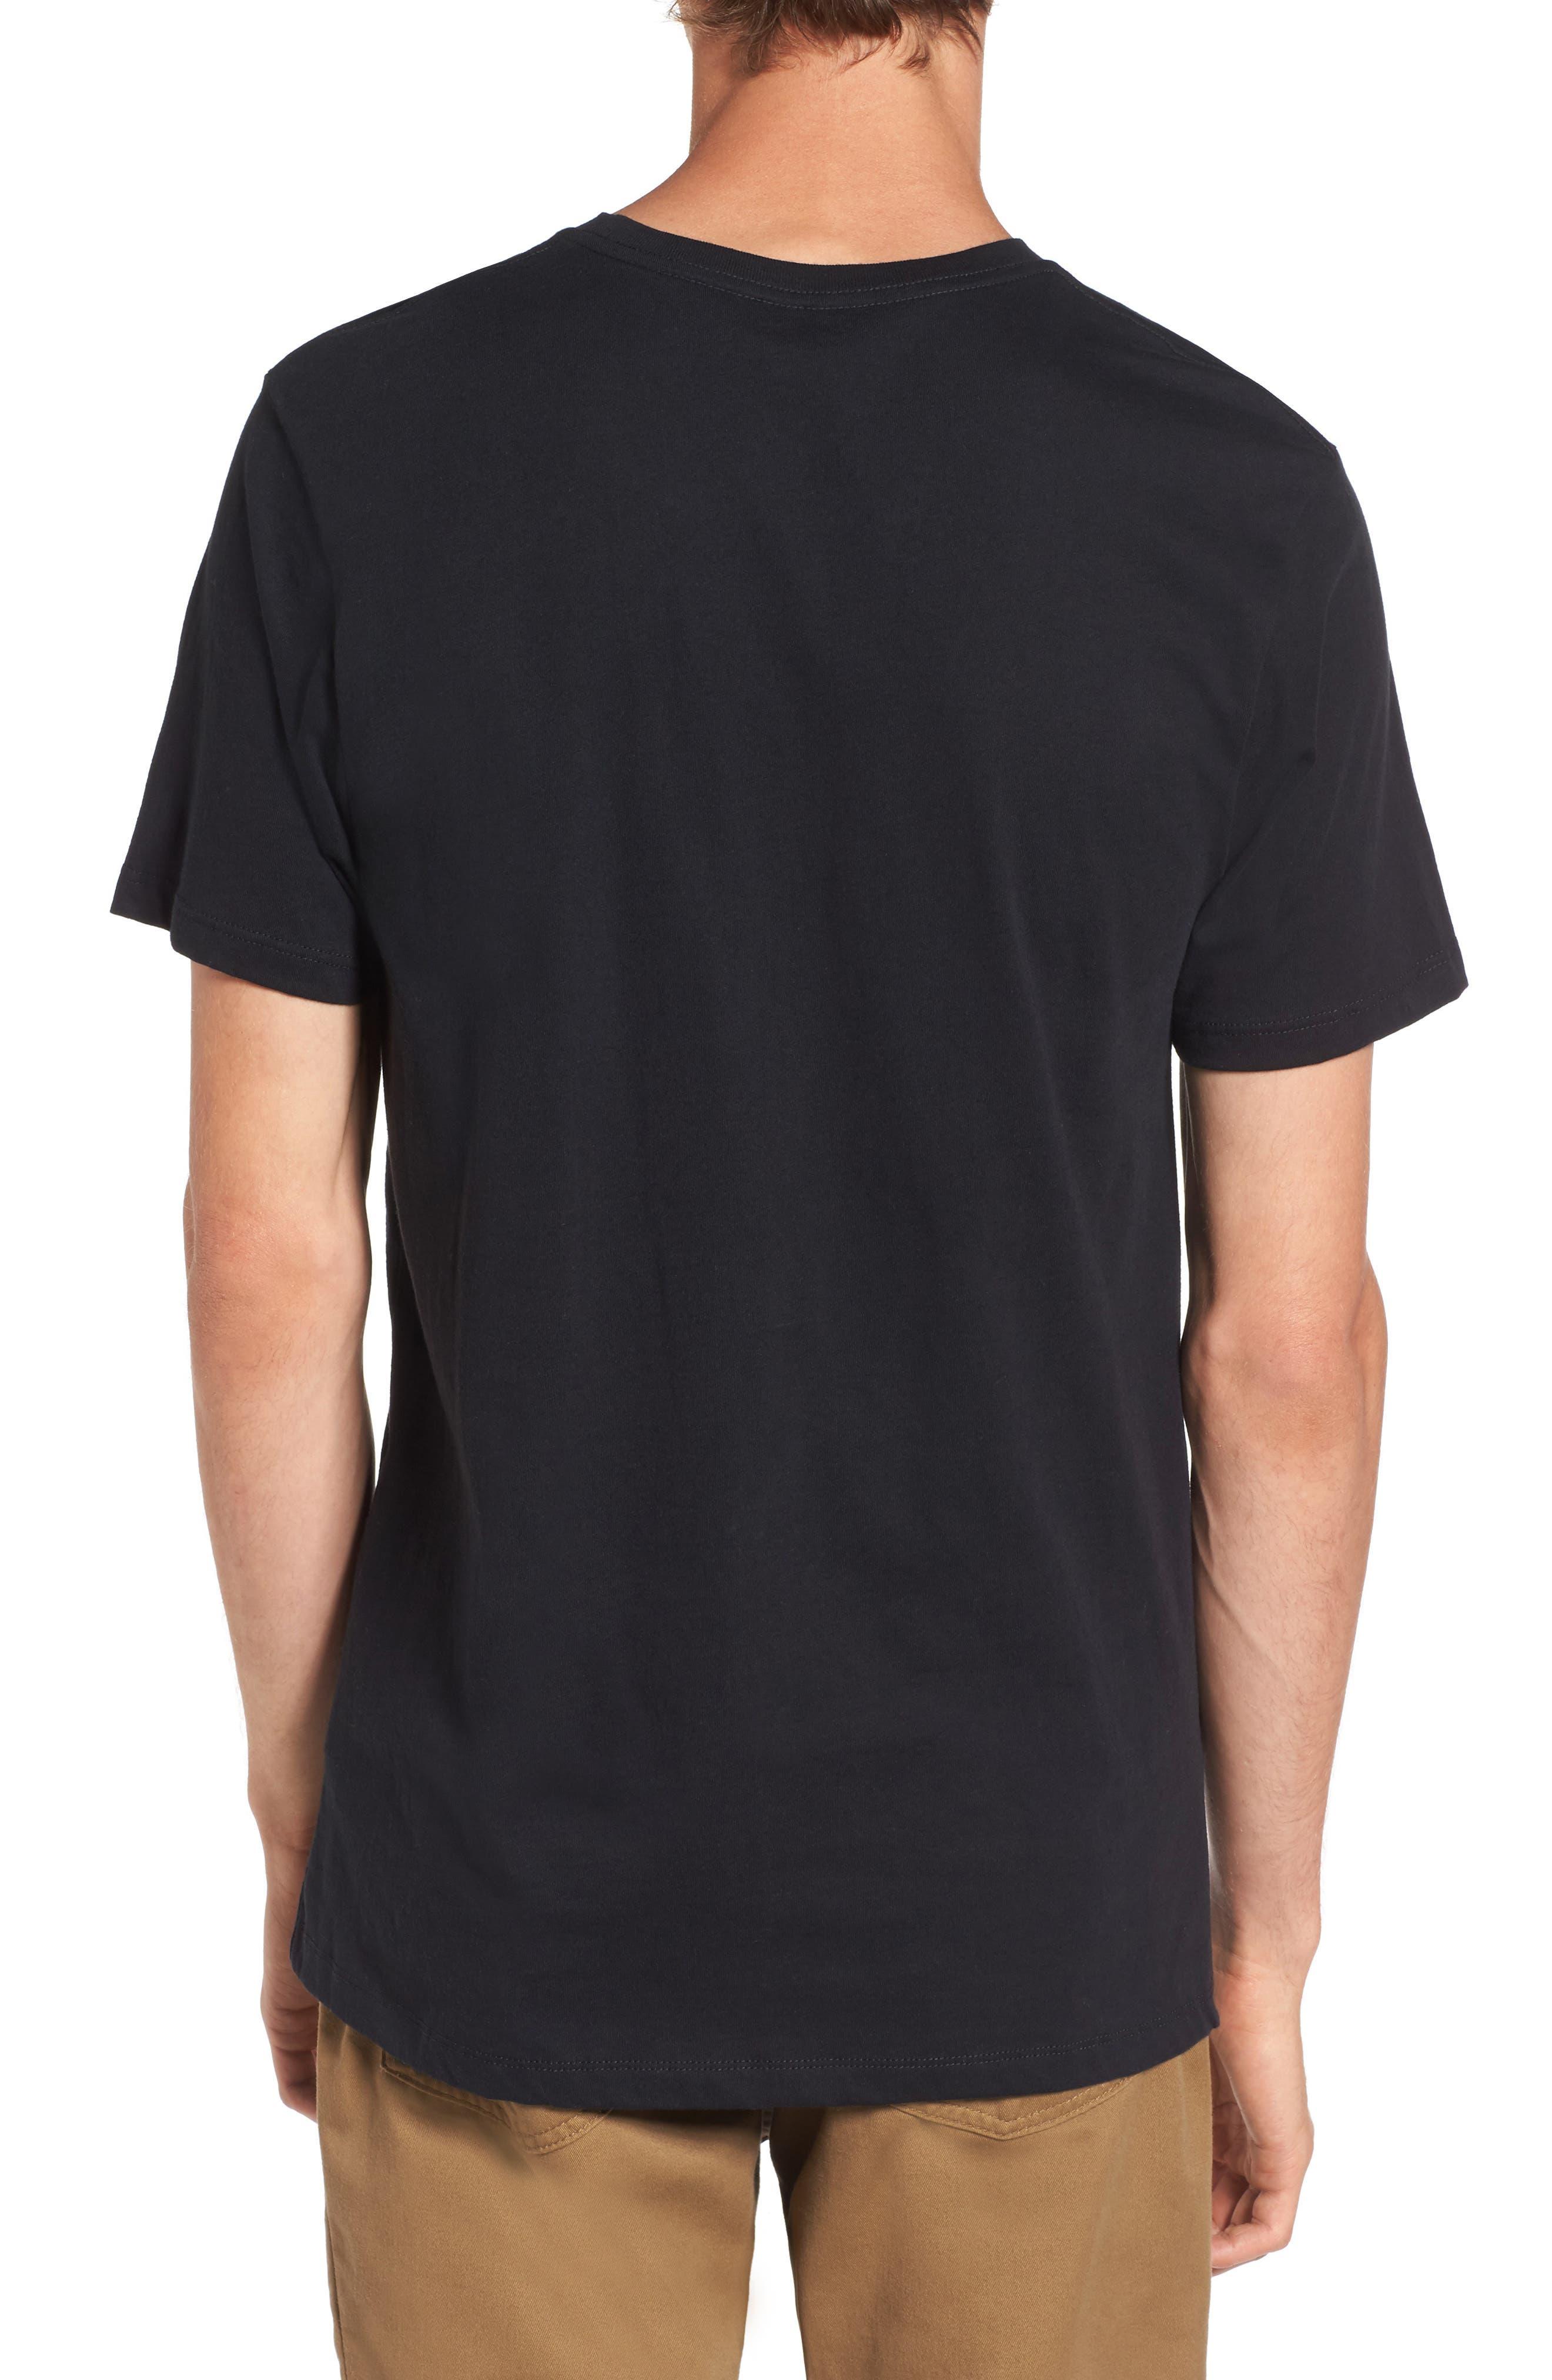 Alternate Image 2  - Vans Everyday Embroidered Pocket T-Shirt